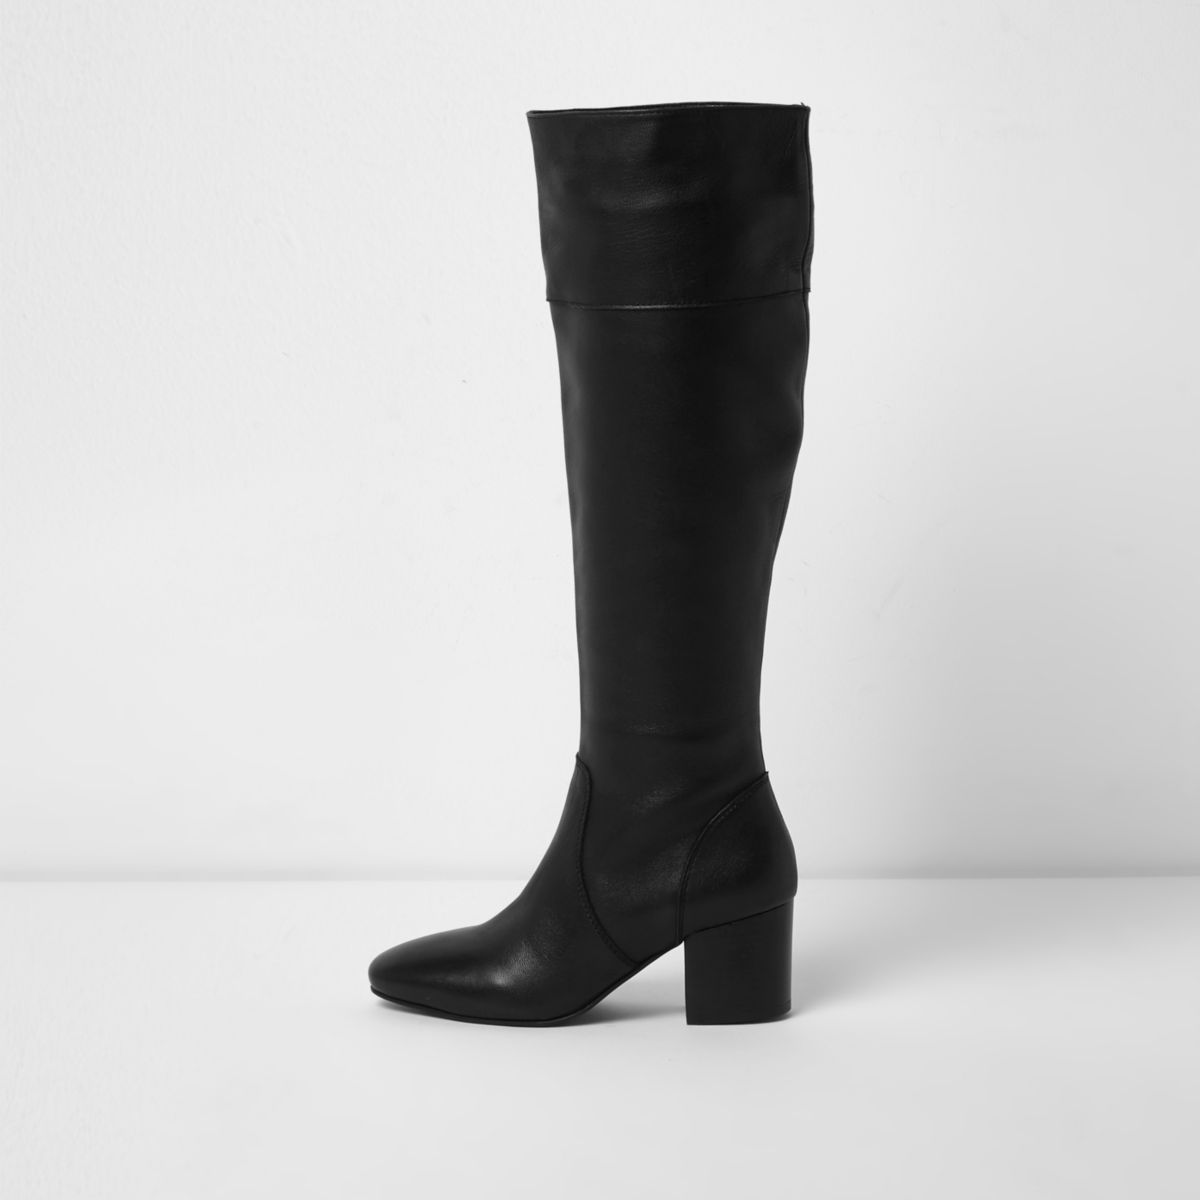 Schwarze, kniehohe Lederstiefel mit Blockabsatz